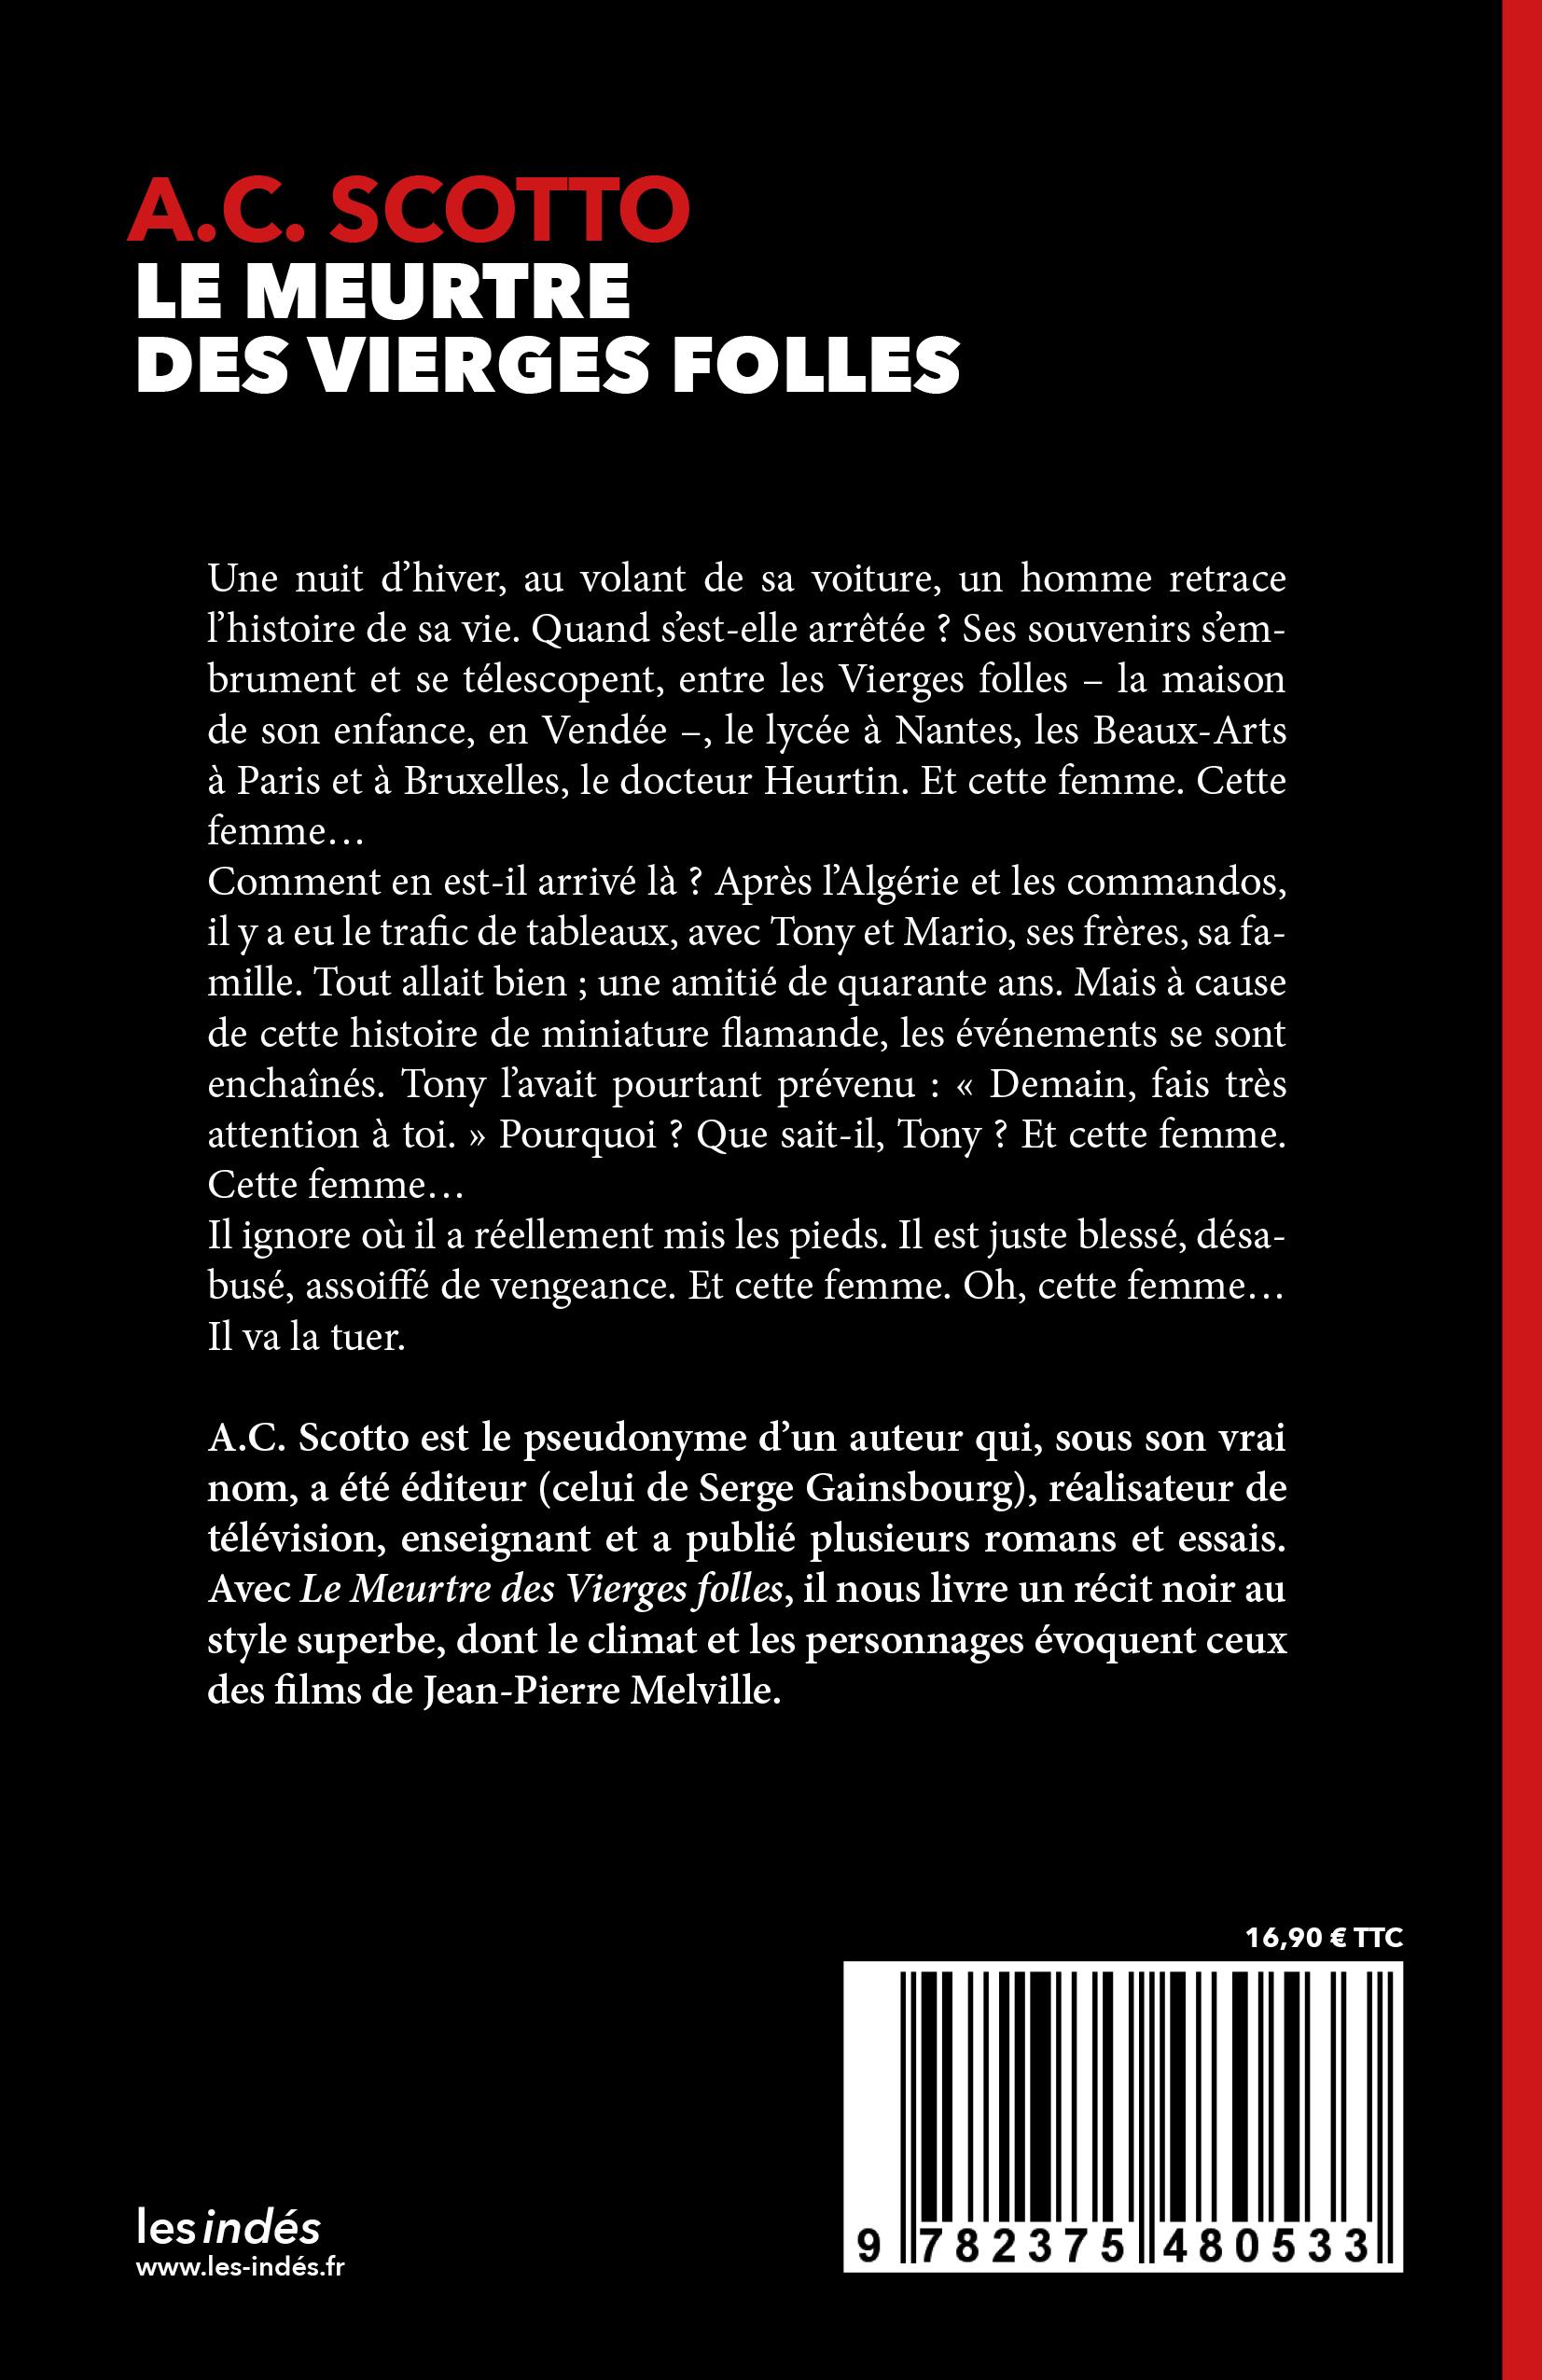 CV4_Le_Meurtre_des_Vierges_folles